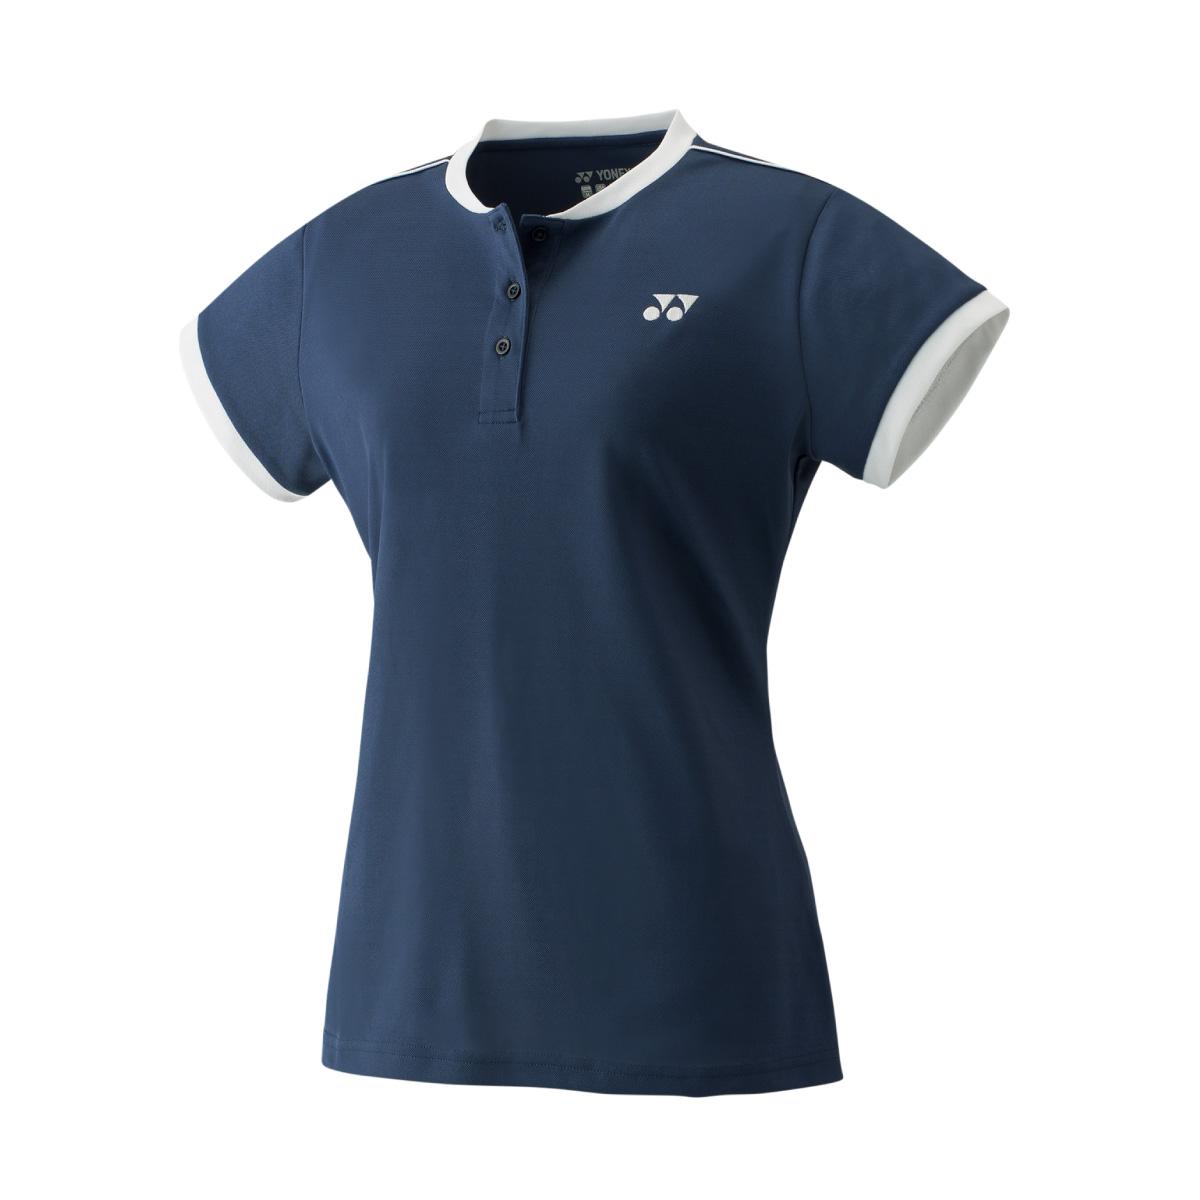 YONEX - Women Polo Shirt #YW0012